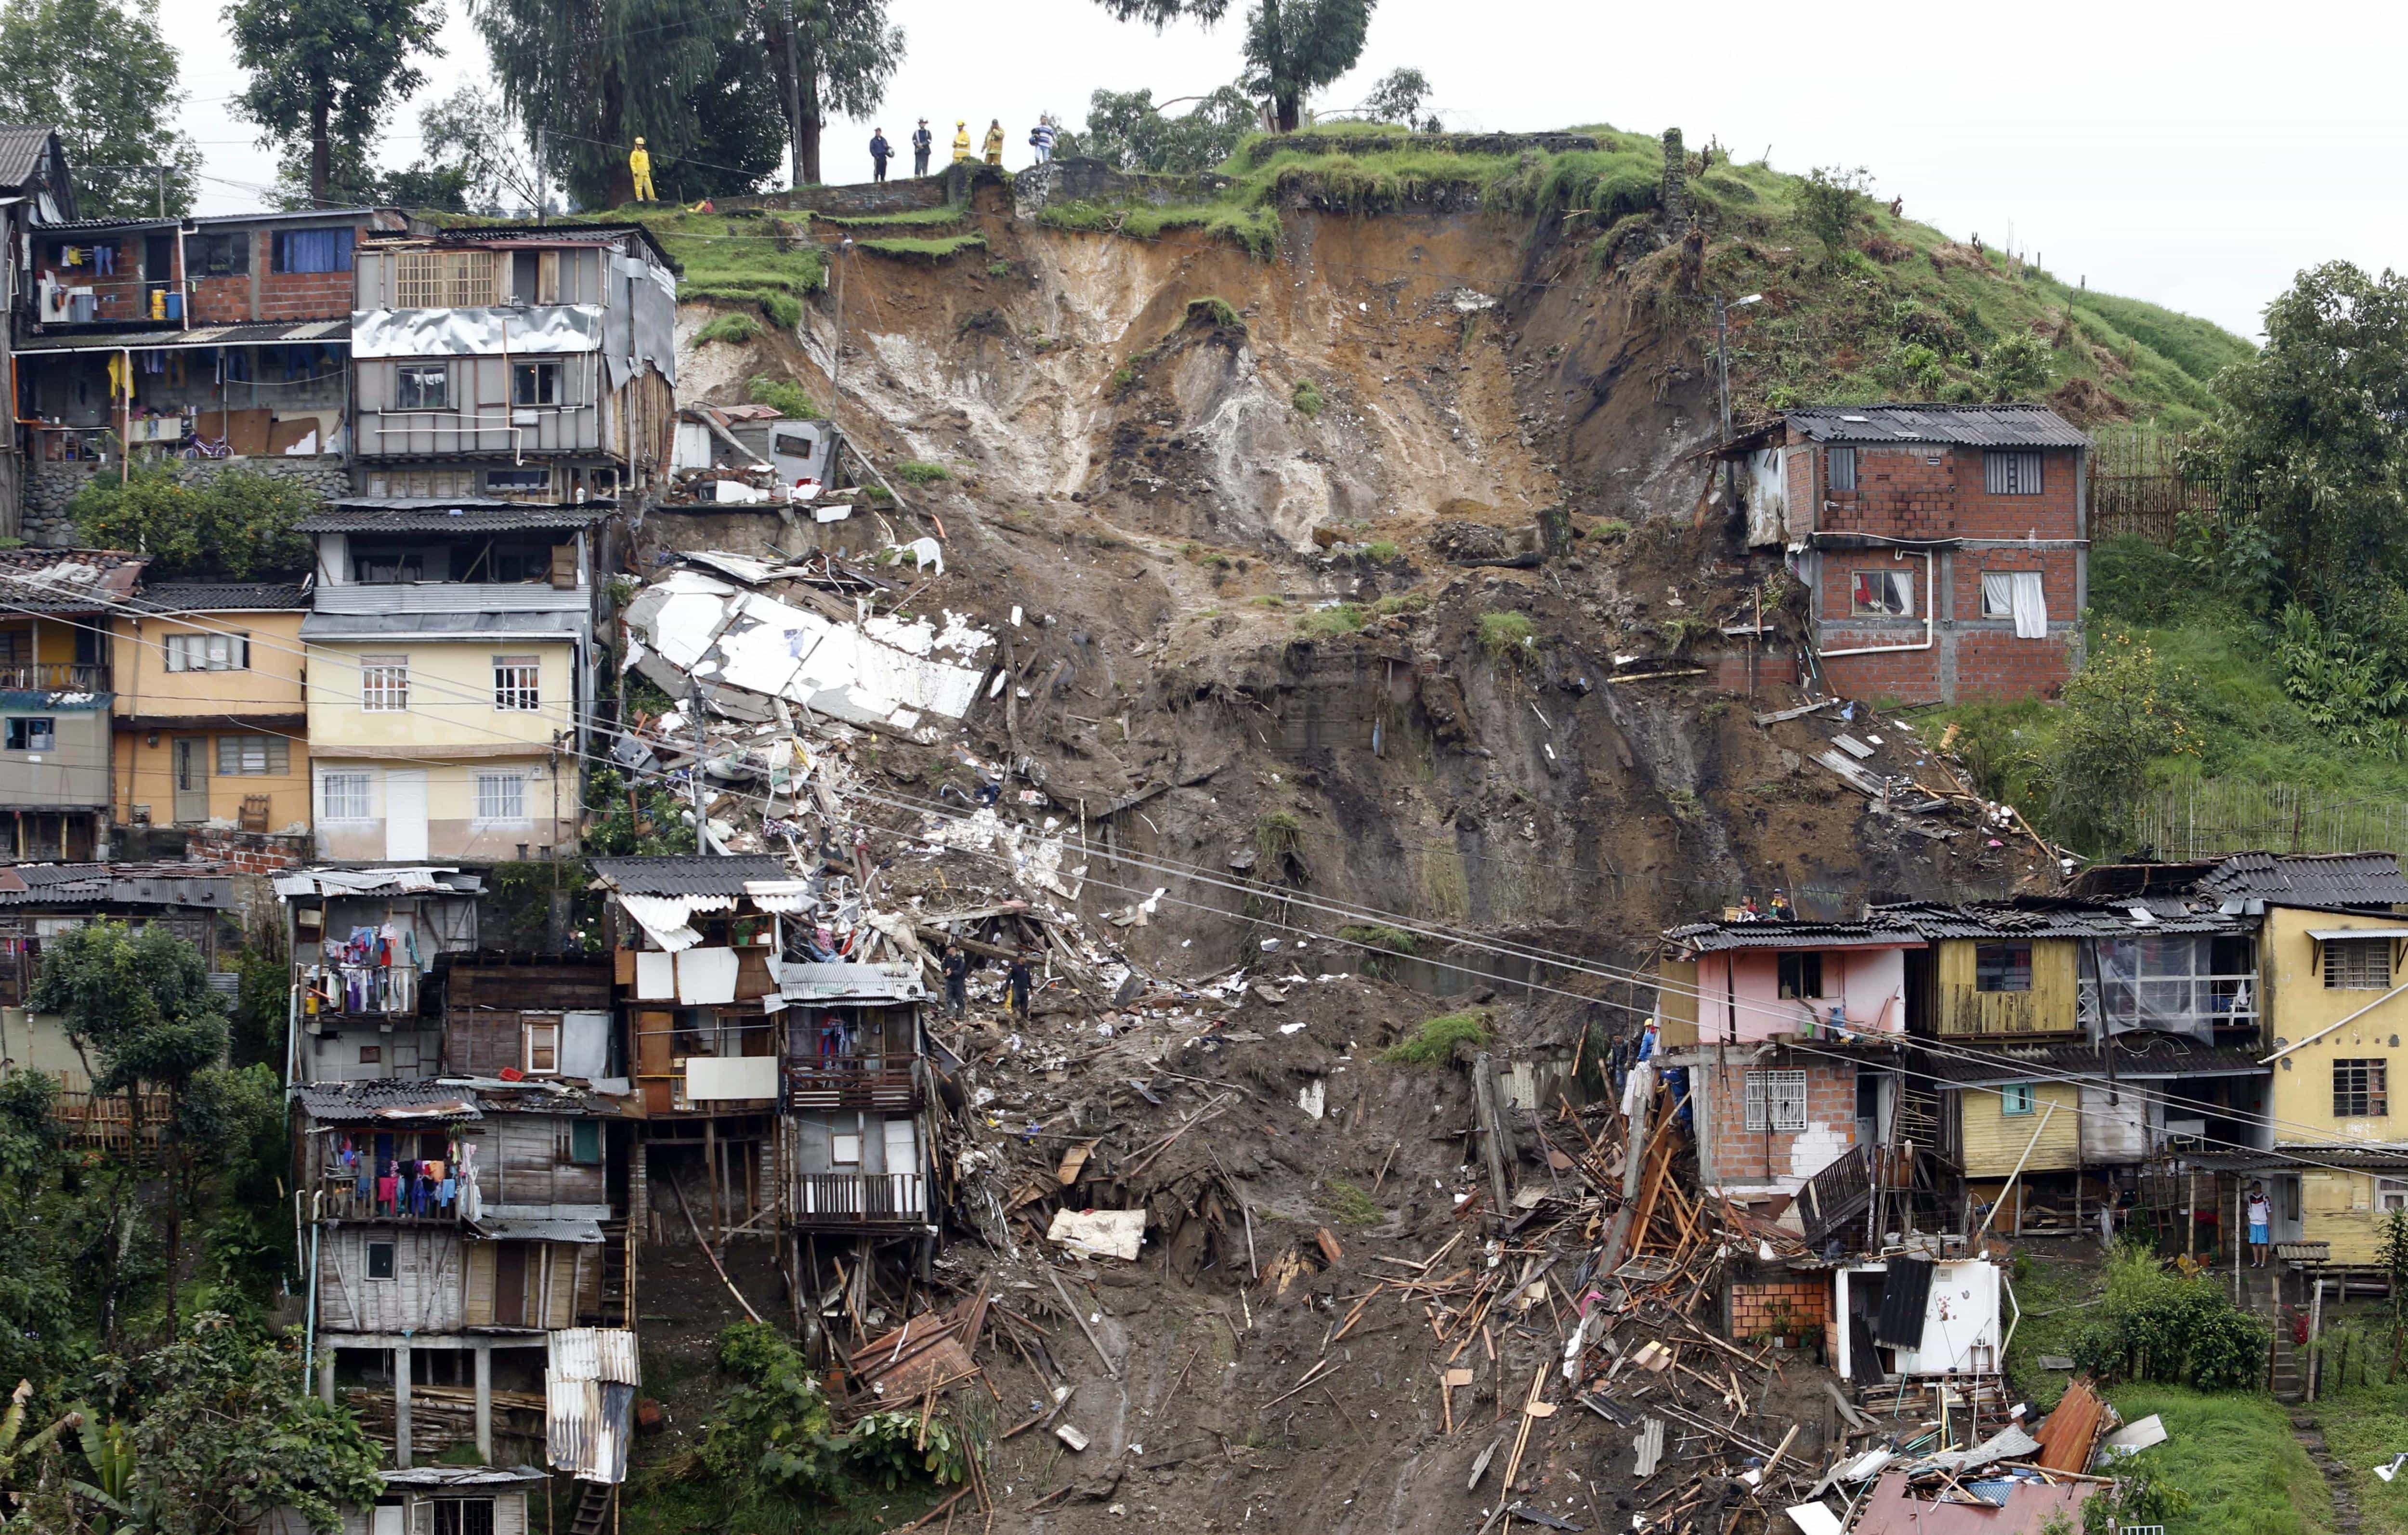 AL MENOS 11 MUERTOS POR LLUVIAS EN CIUDAD COLOMBIANA DE MANIZALES